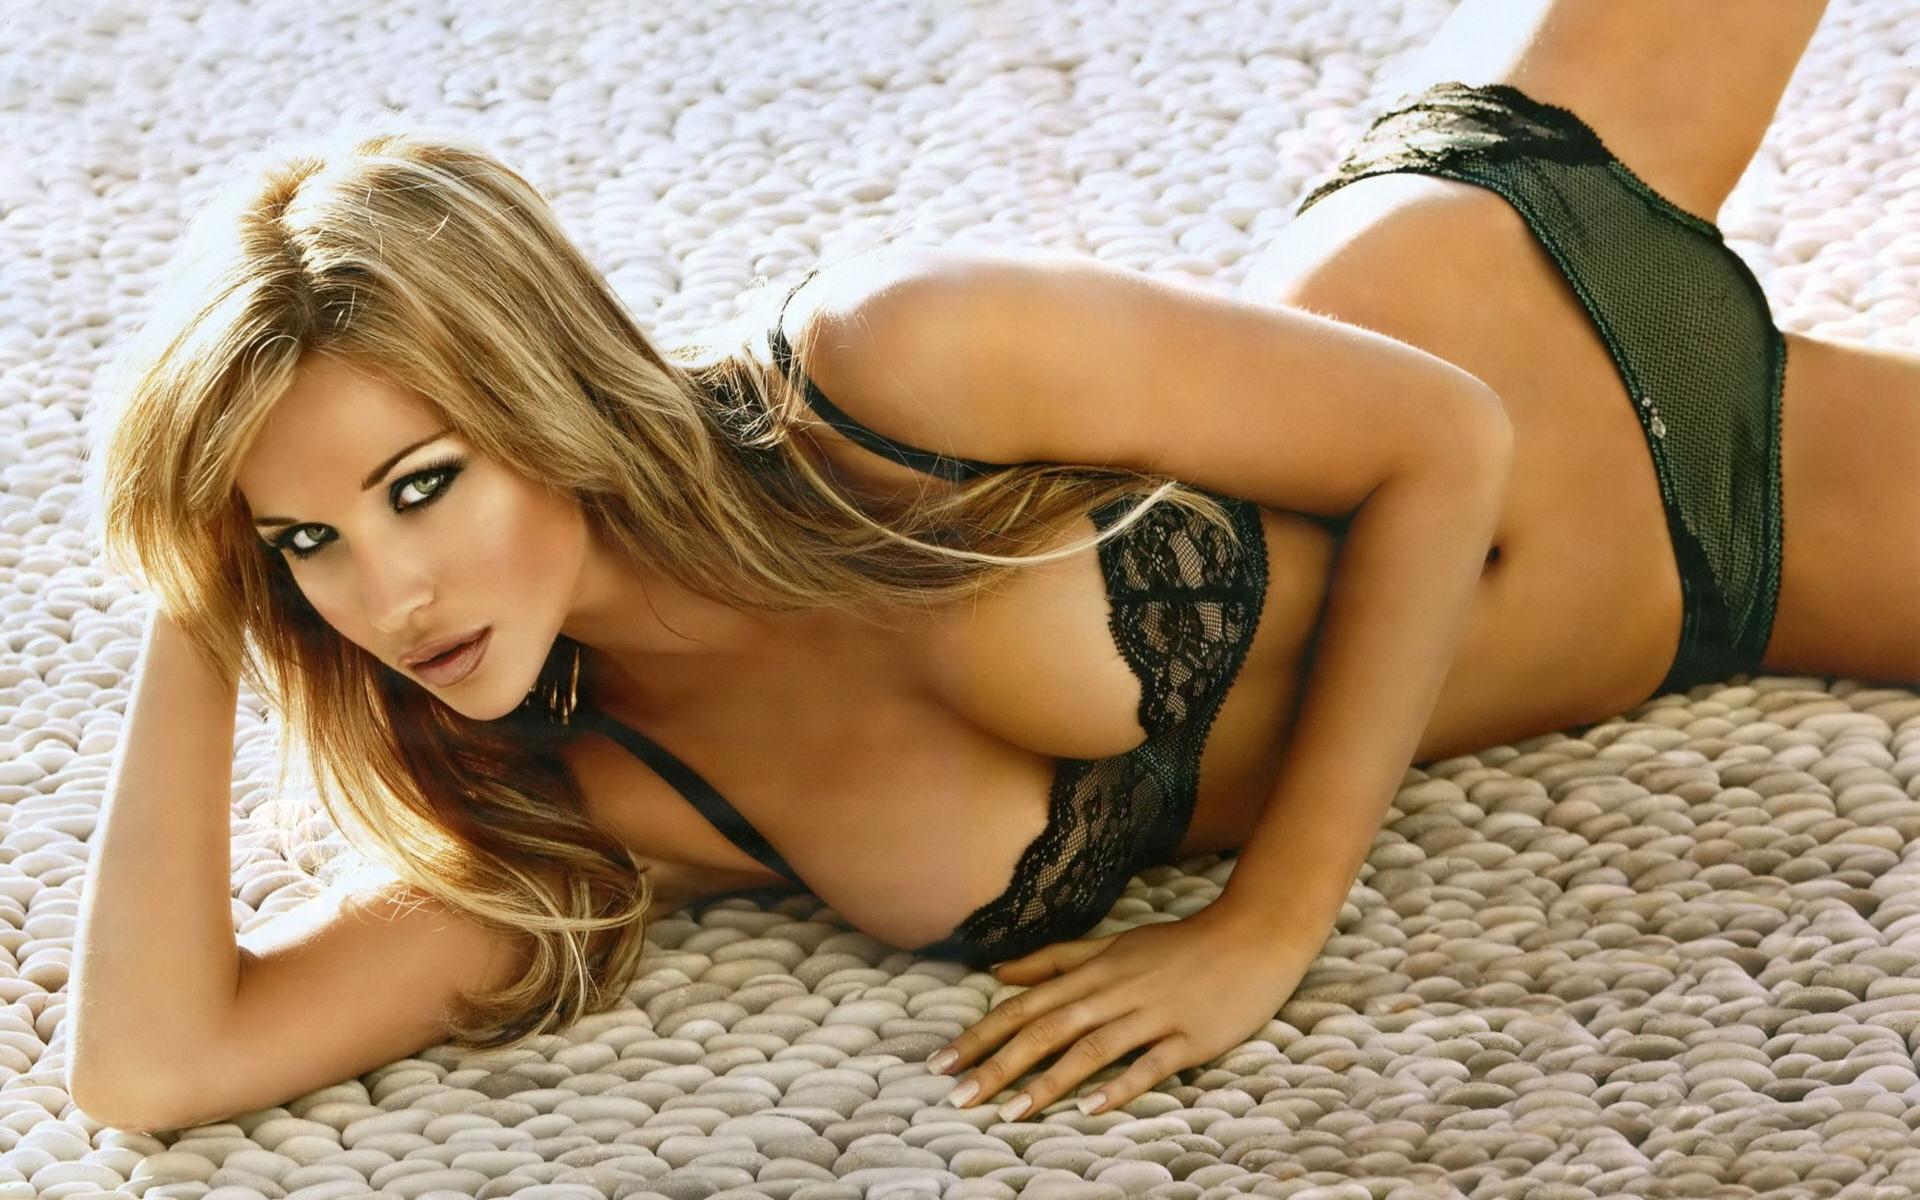 Фото красивых девочек блондинок секс 18 26 фотография